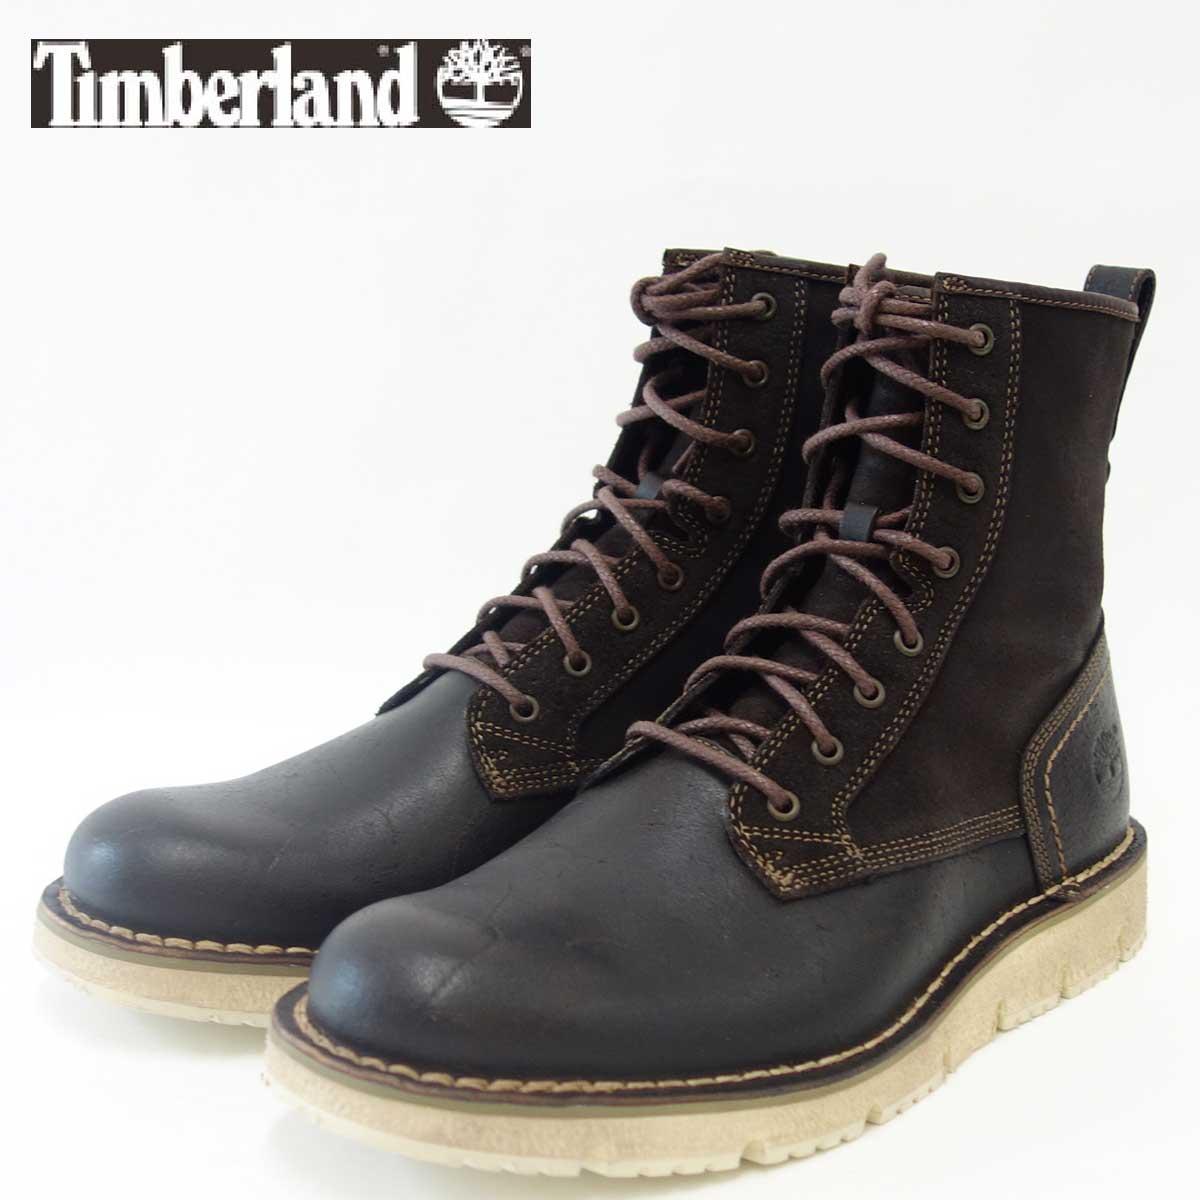 【Timberland】ティンバーランドa17xn ダークブラウン(メンズ)ウェストモア ブーツ